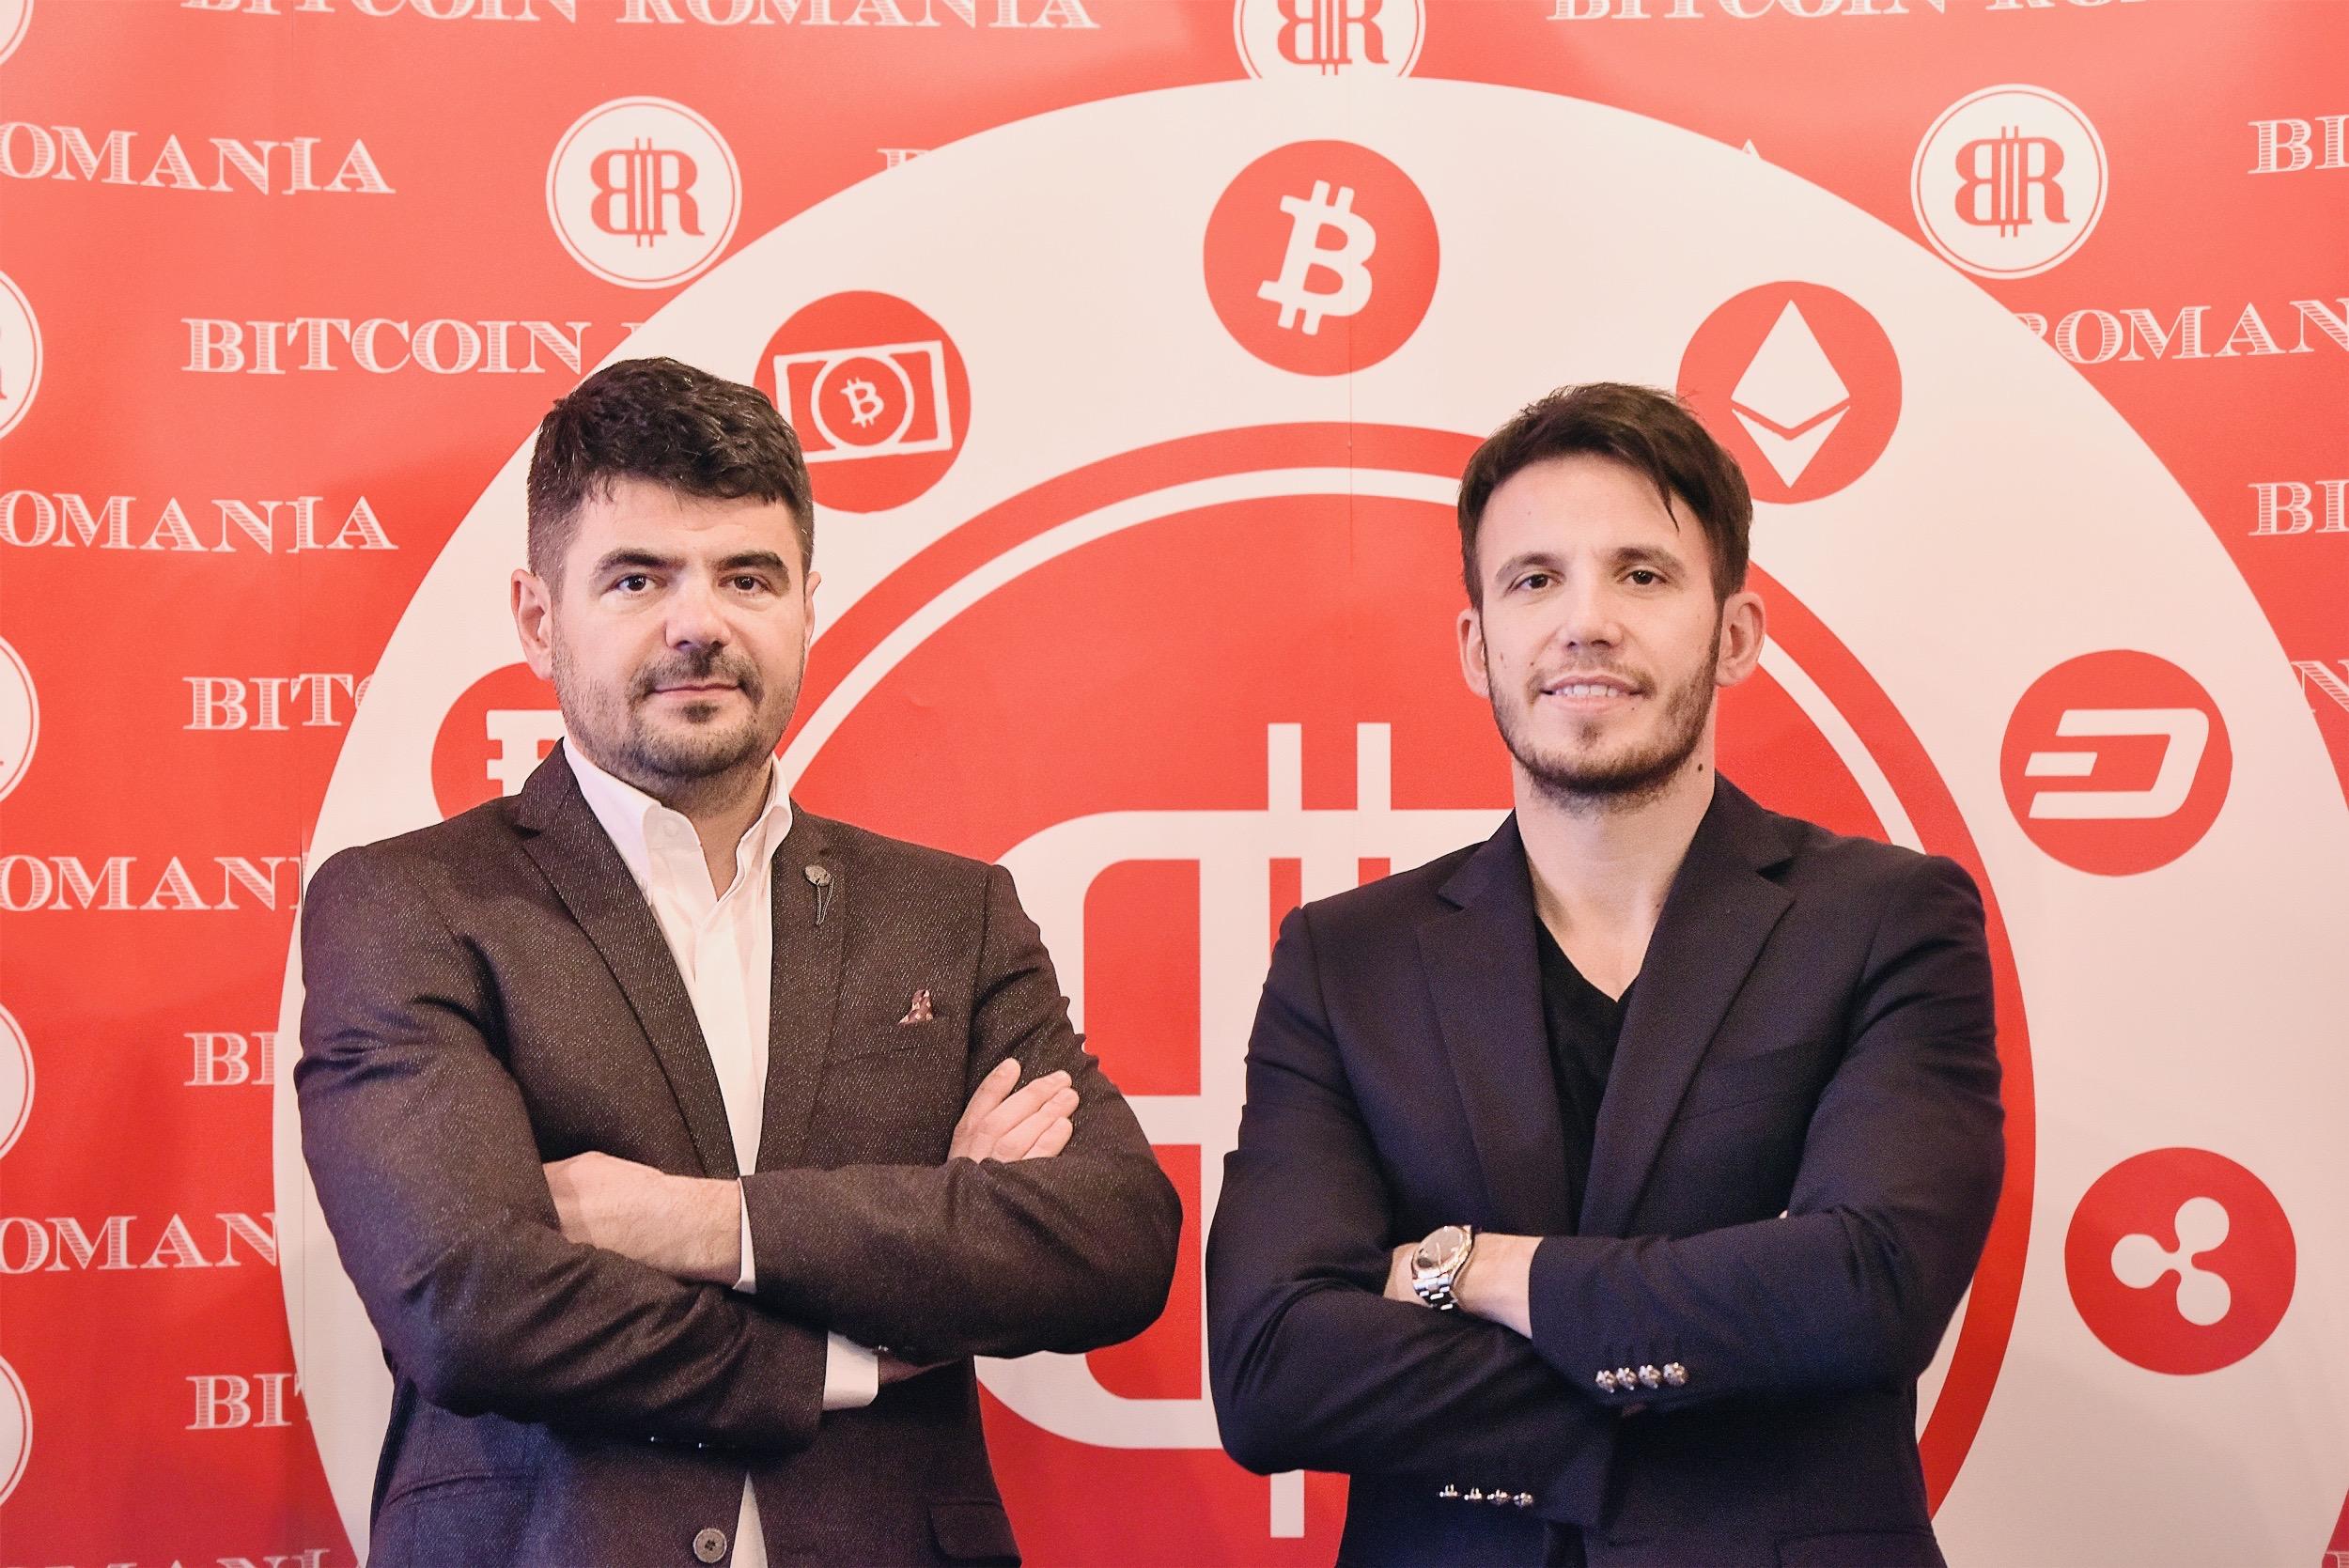 valuta commercio bitcoin